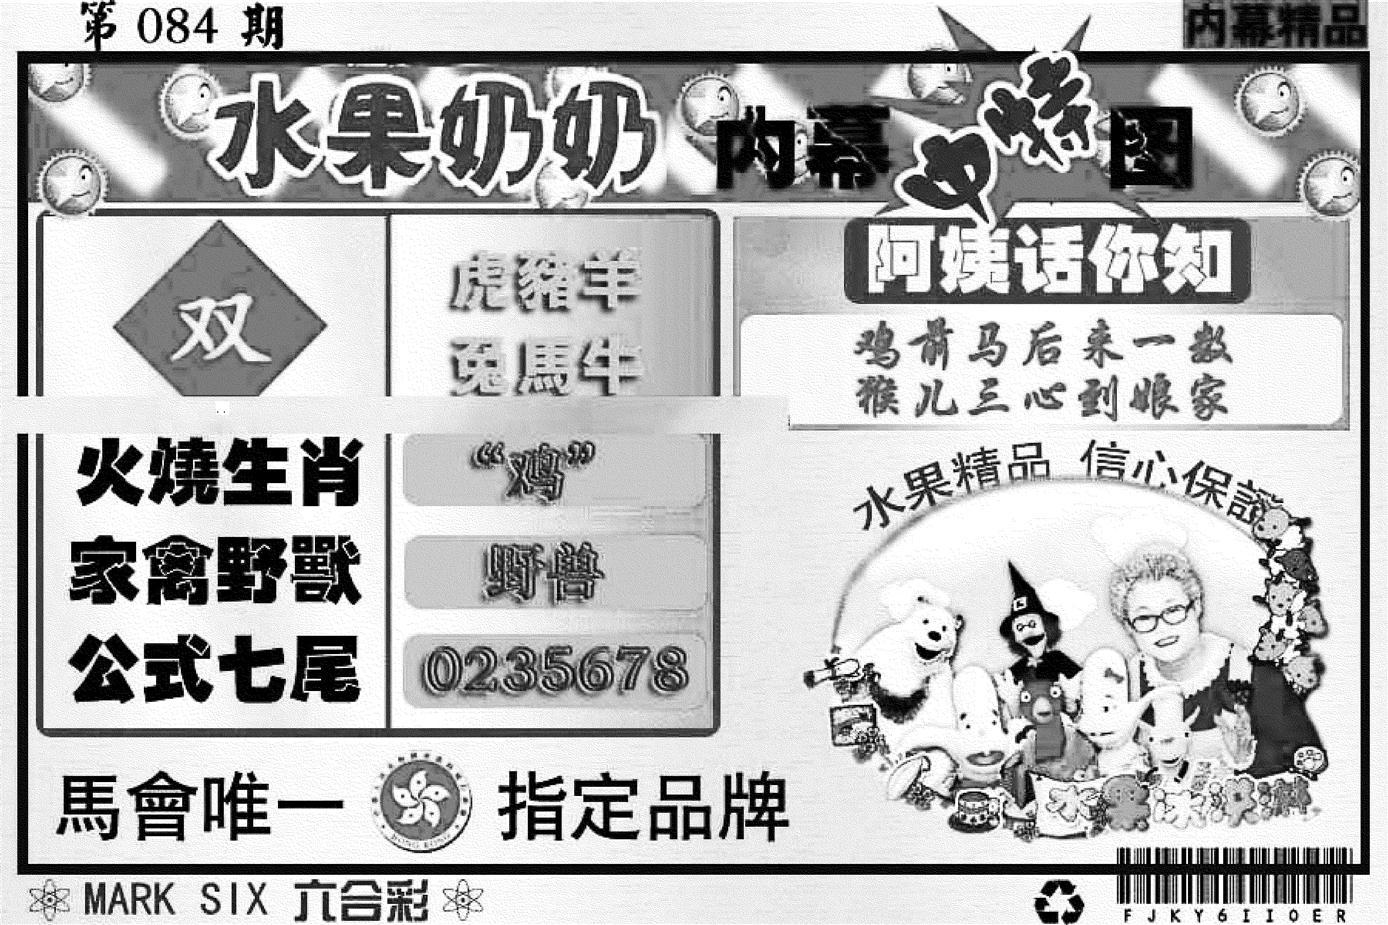 084期水果奶奶内幕(黑白)